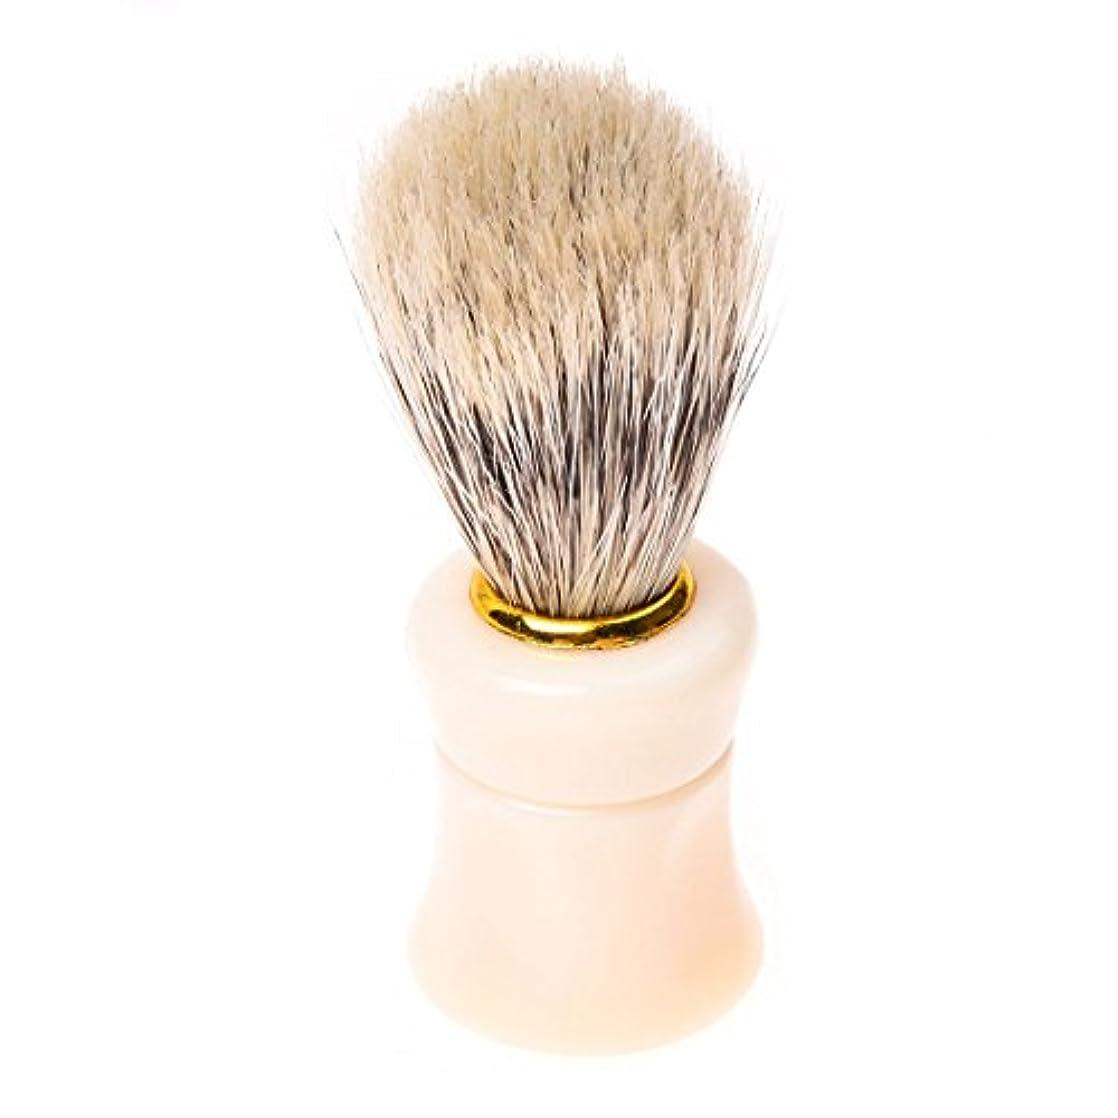 オーケストラ受益者機械的RETYLY 1個シェイビングシェービングブラシプラスチック製のハンドル+ブタの猪毛皮のひげの口ひげのブラシベージュ